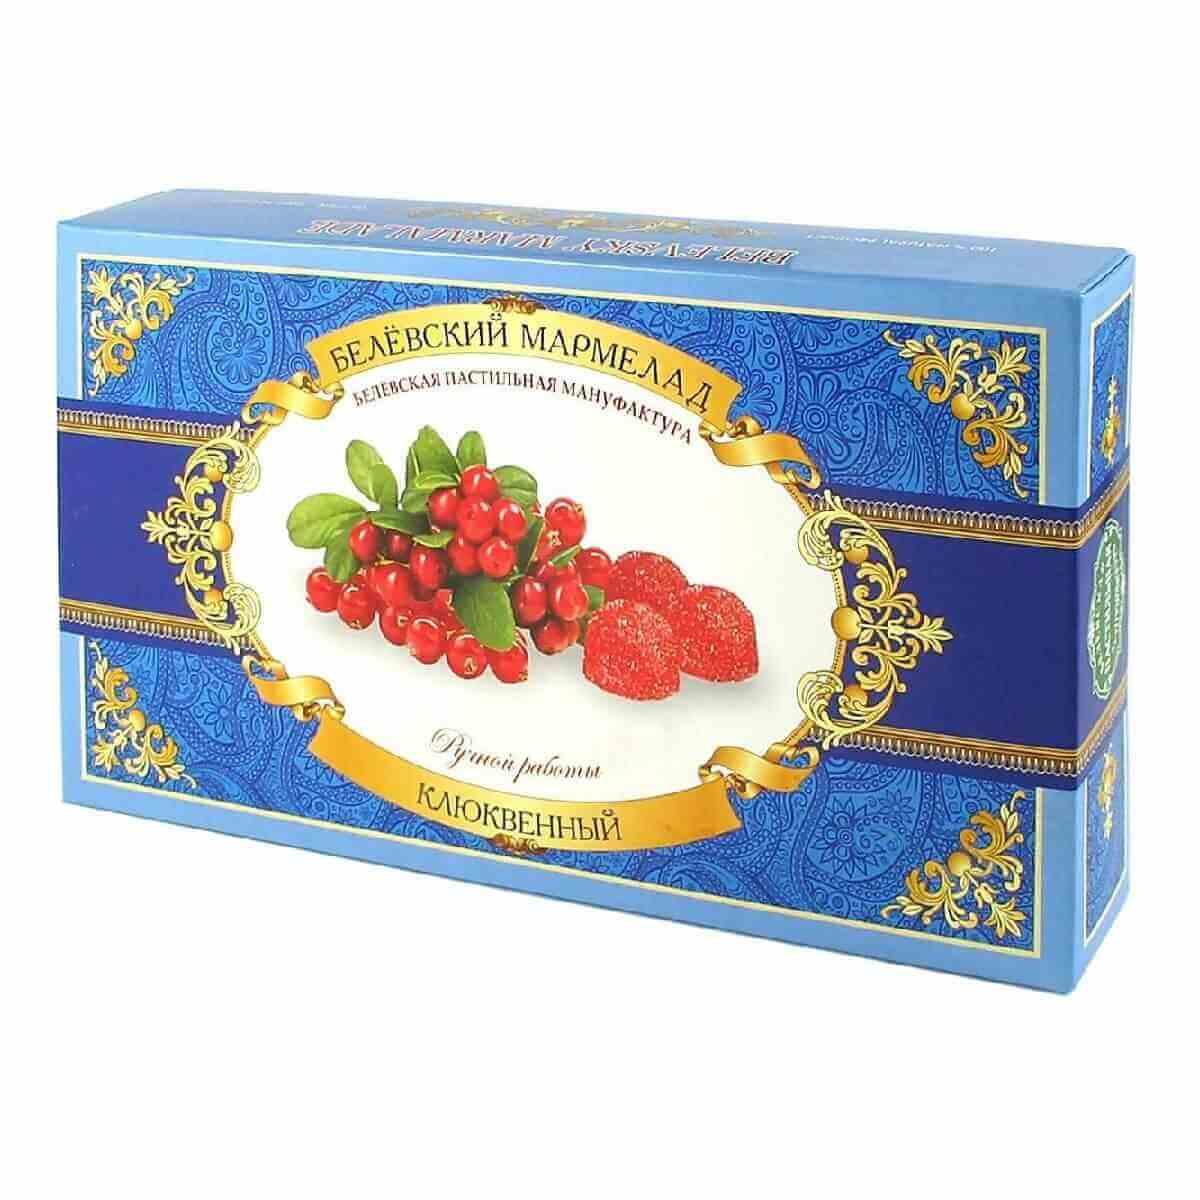 Cranberry  Marmalade, Belev, 280 g/ 0.62 lb